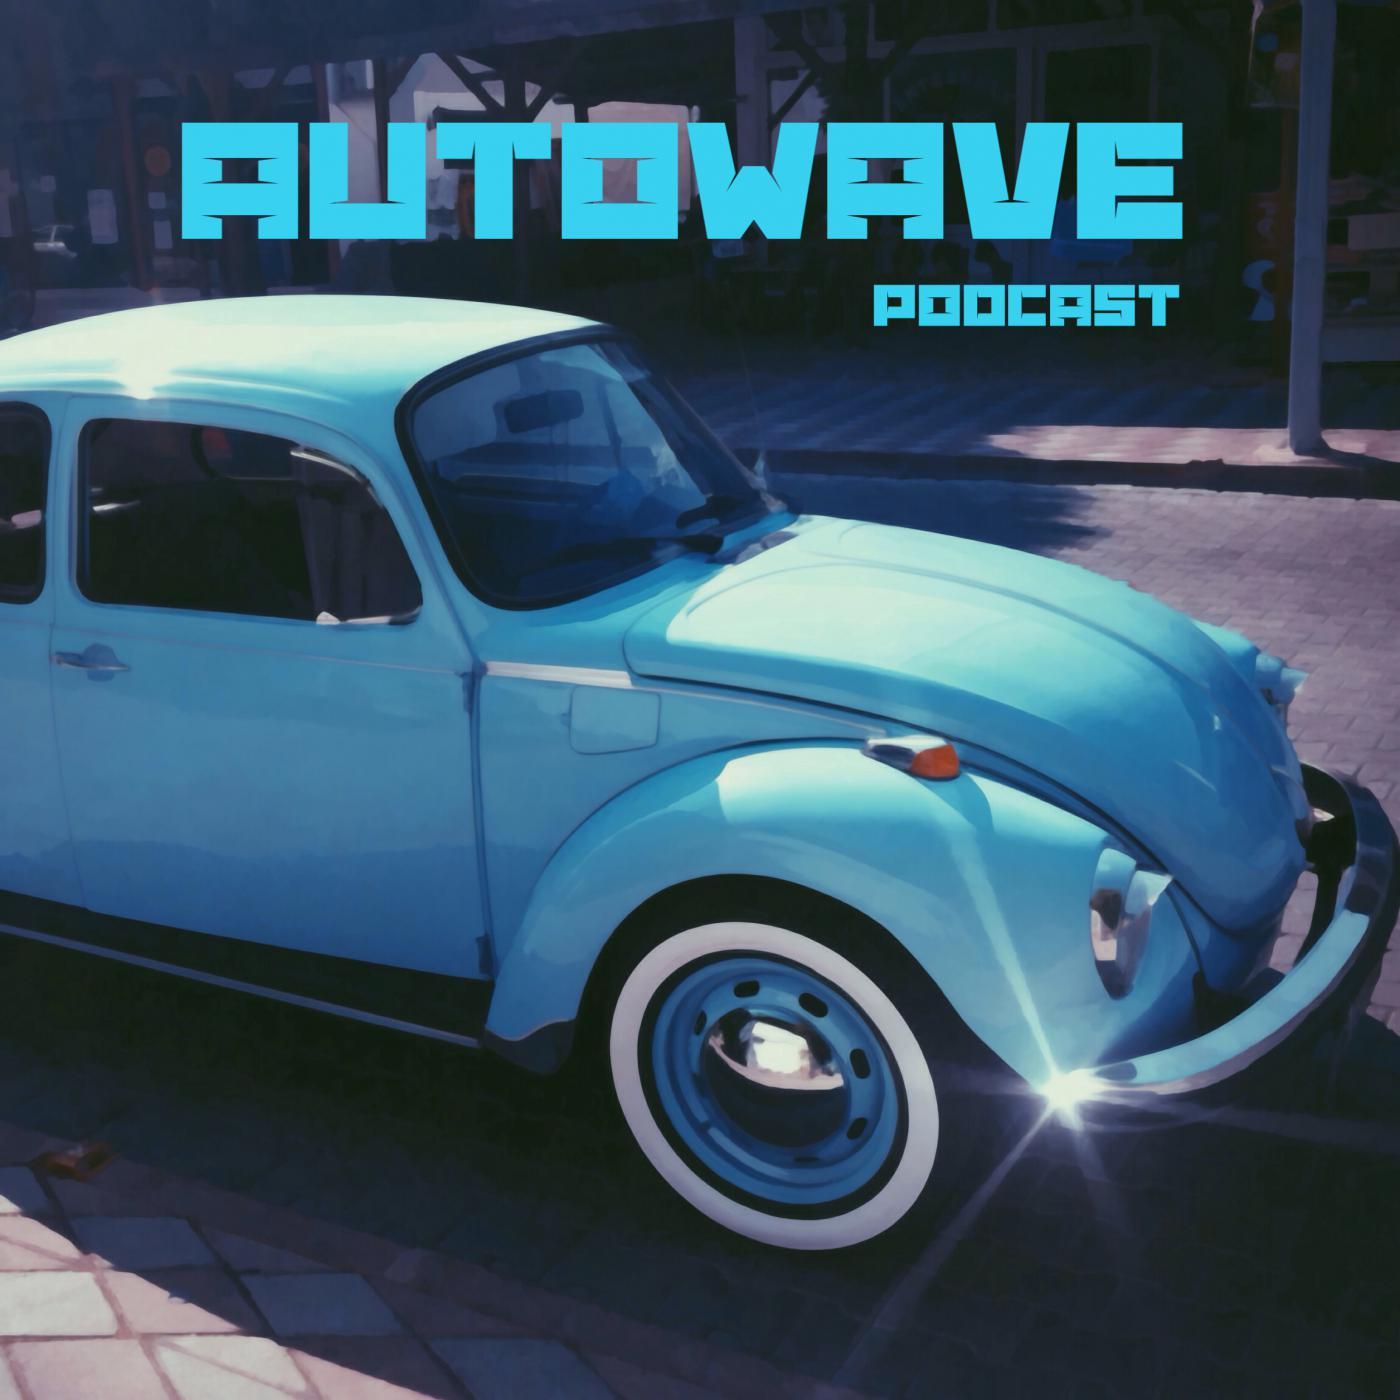 AUTOWAVE - подкаст о свежих автоновостях